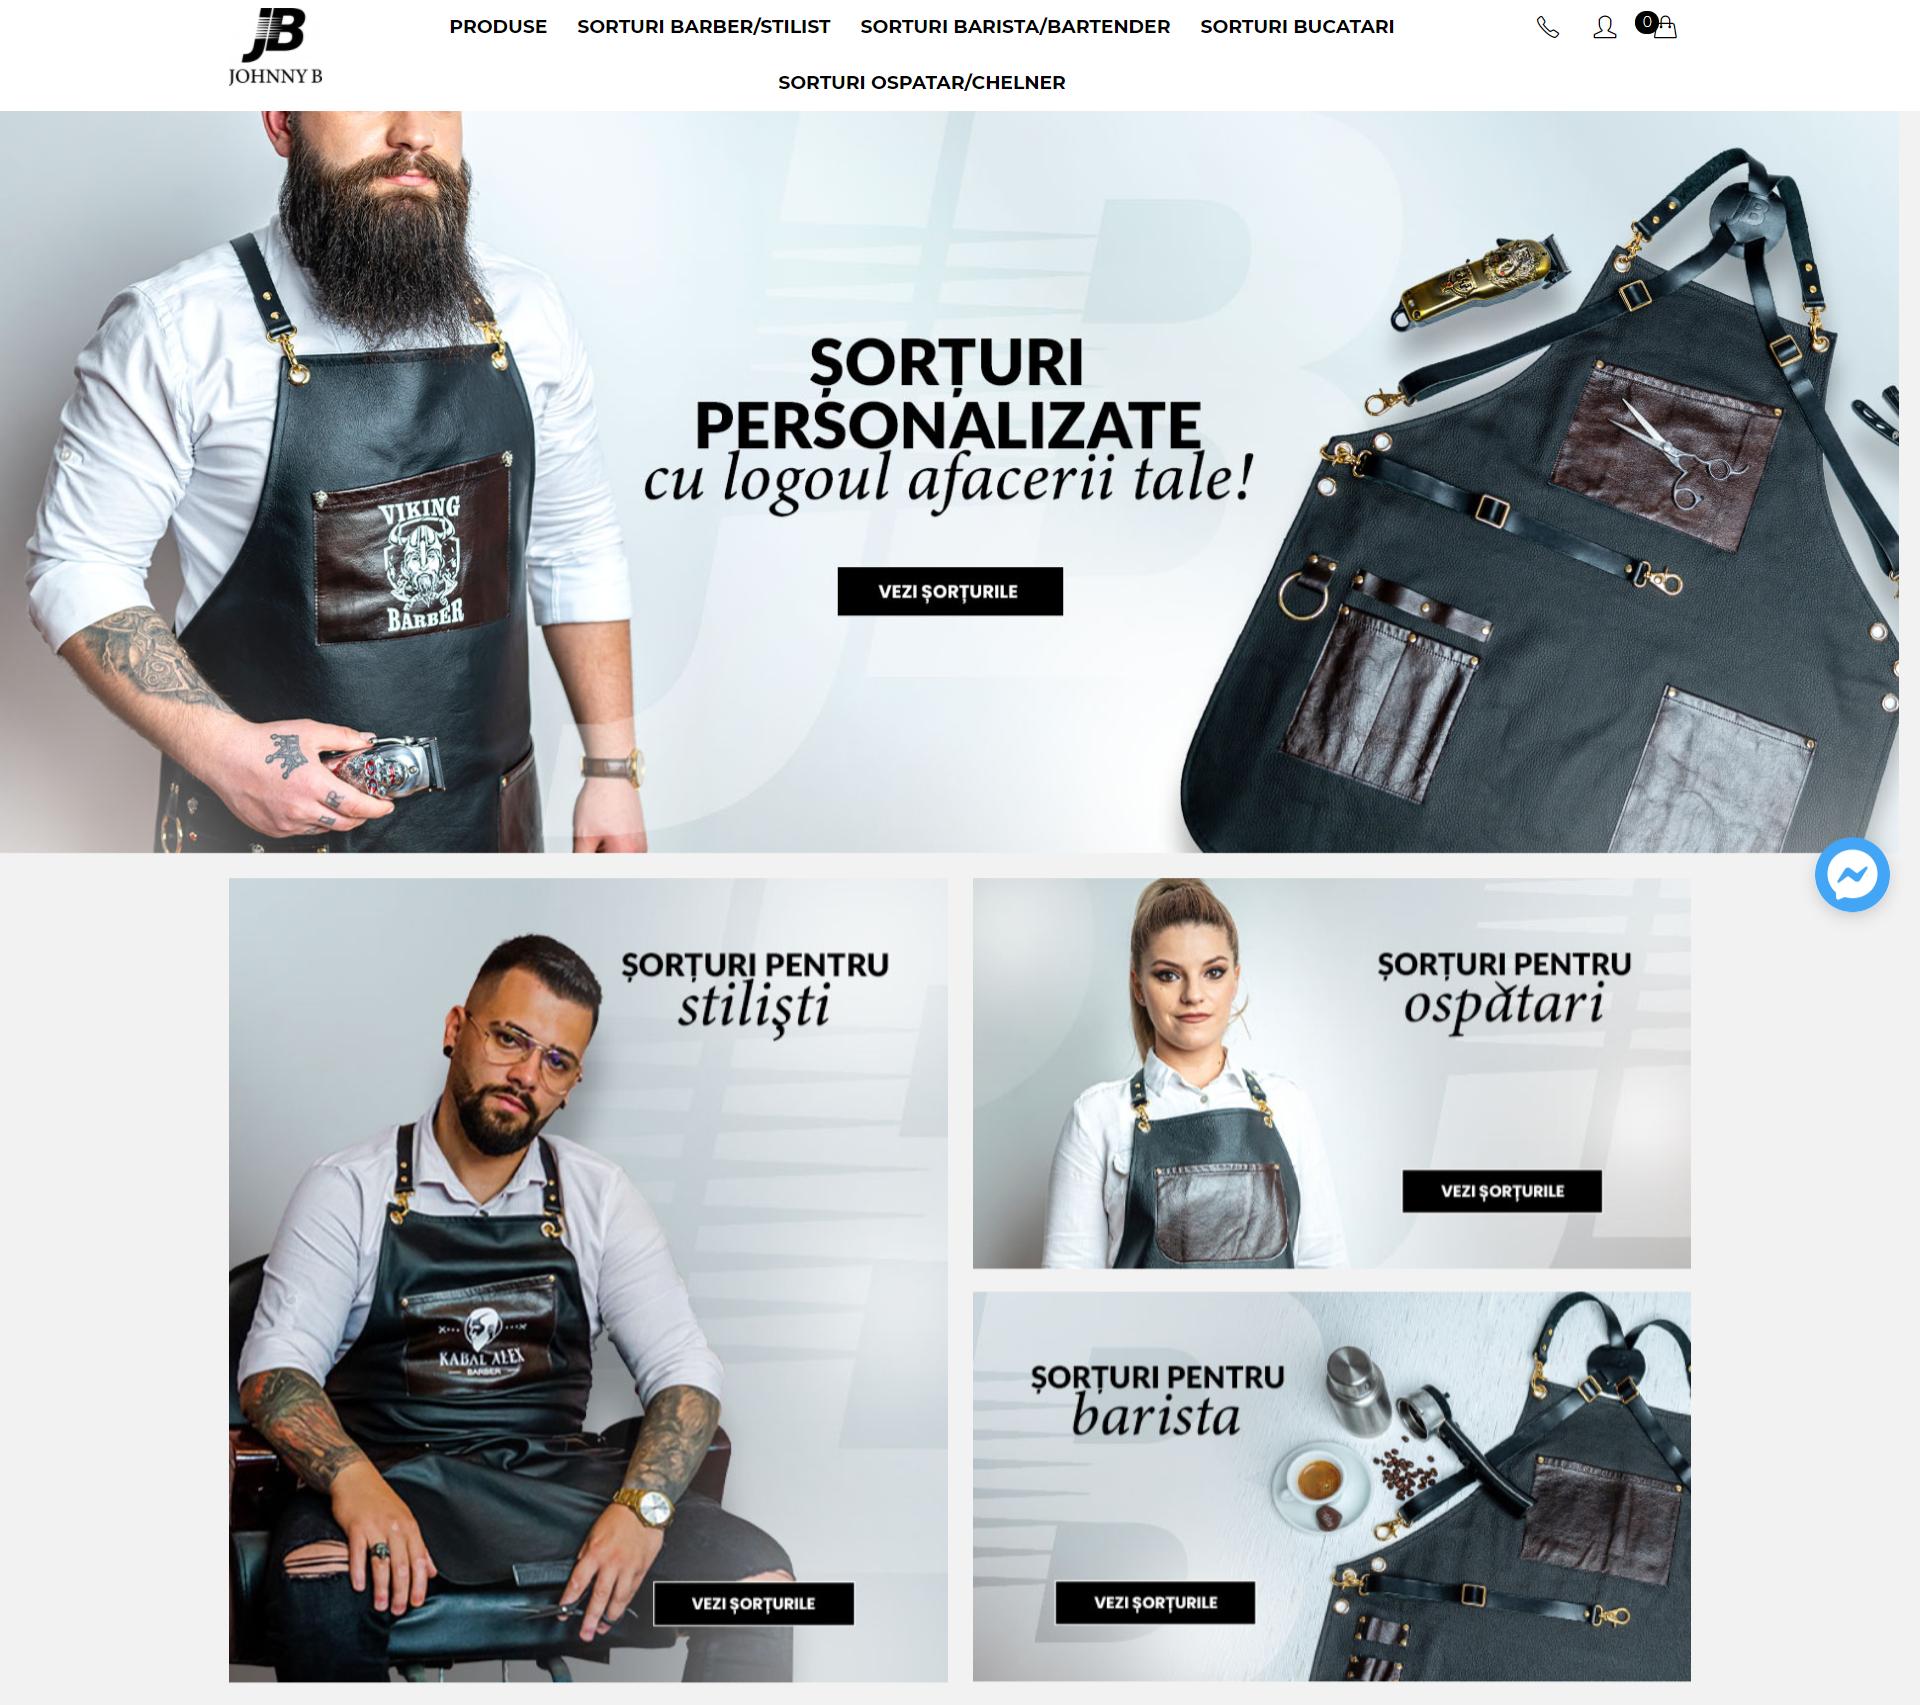 diferentiatori-produse-personalizate